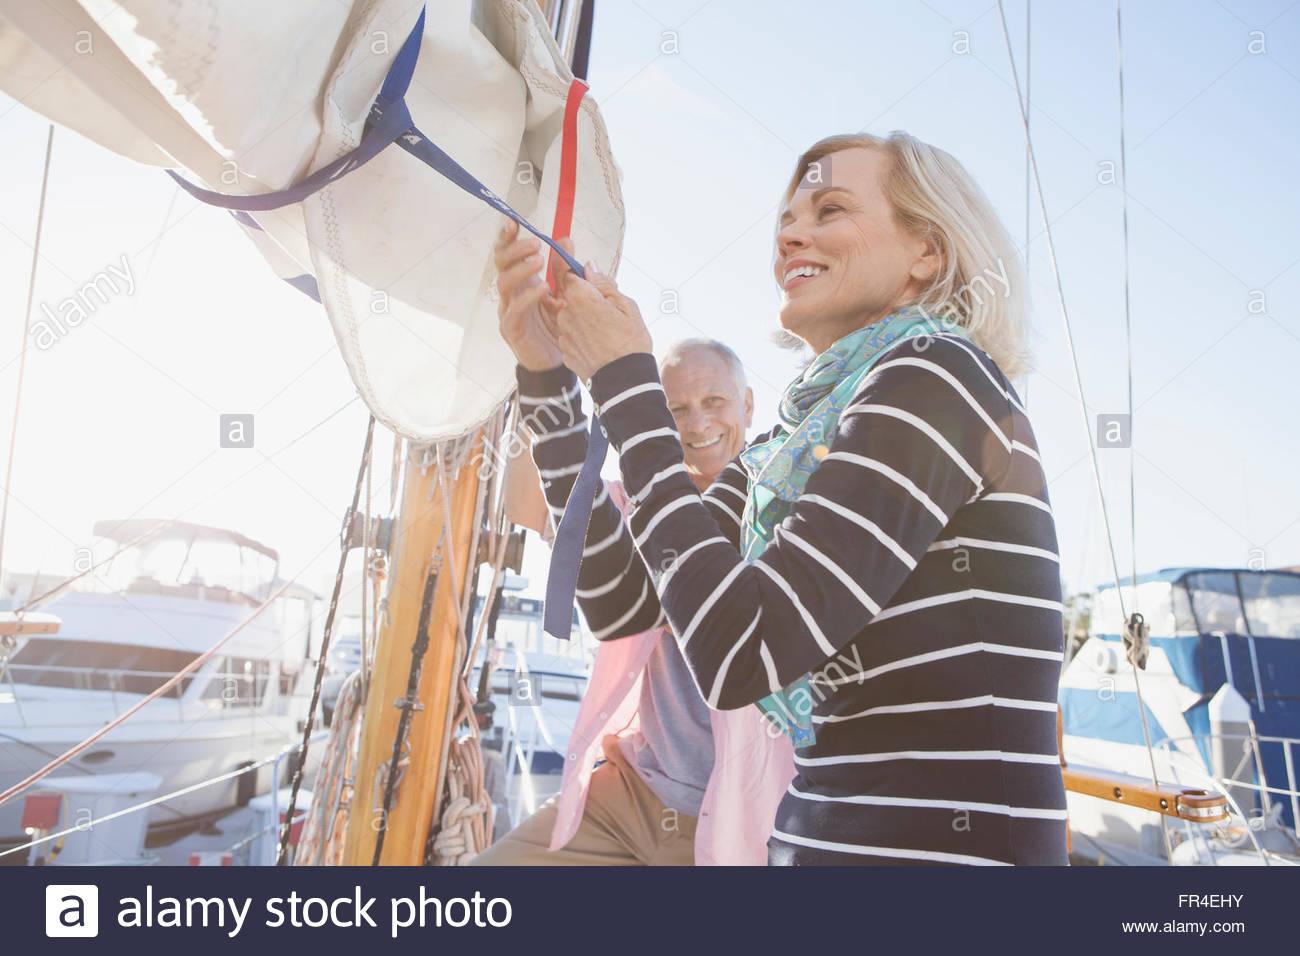 senior woman adjusting mainsail on sailboat - Stock Image